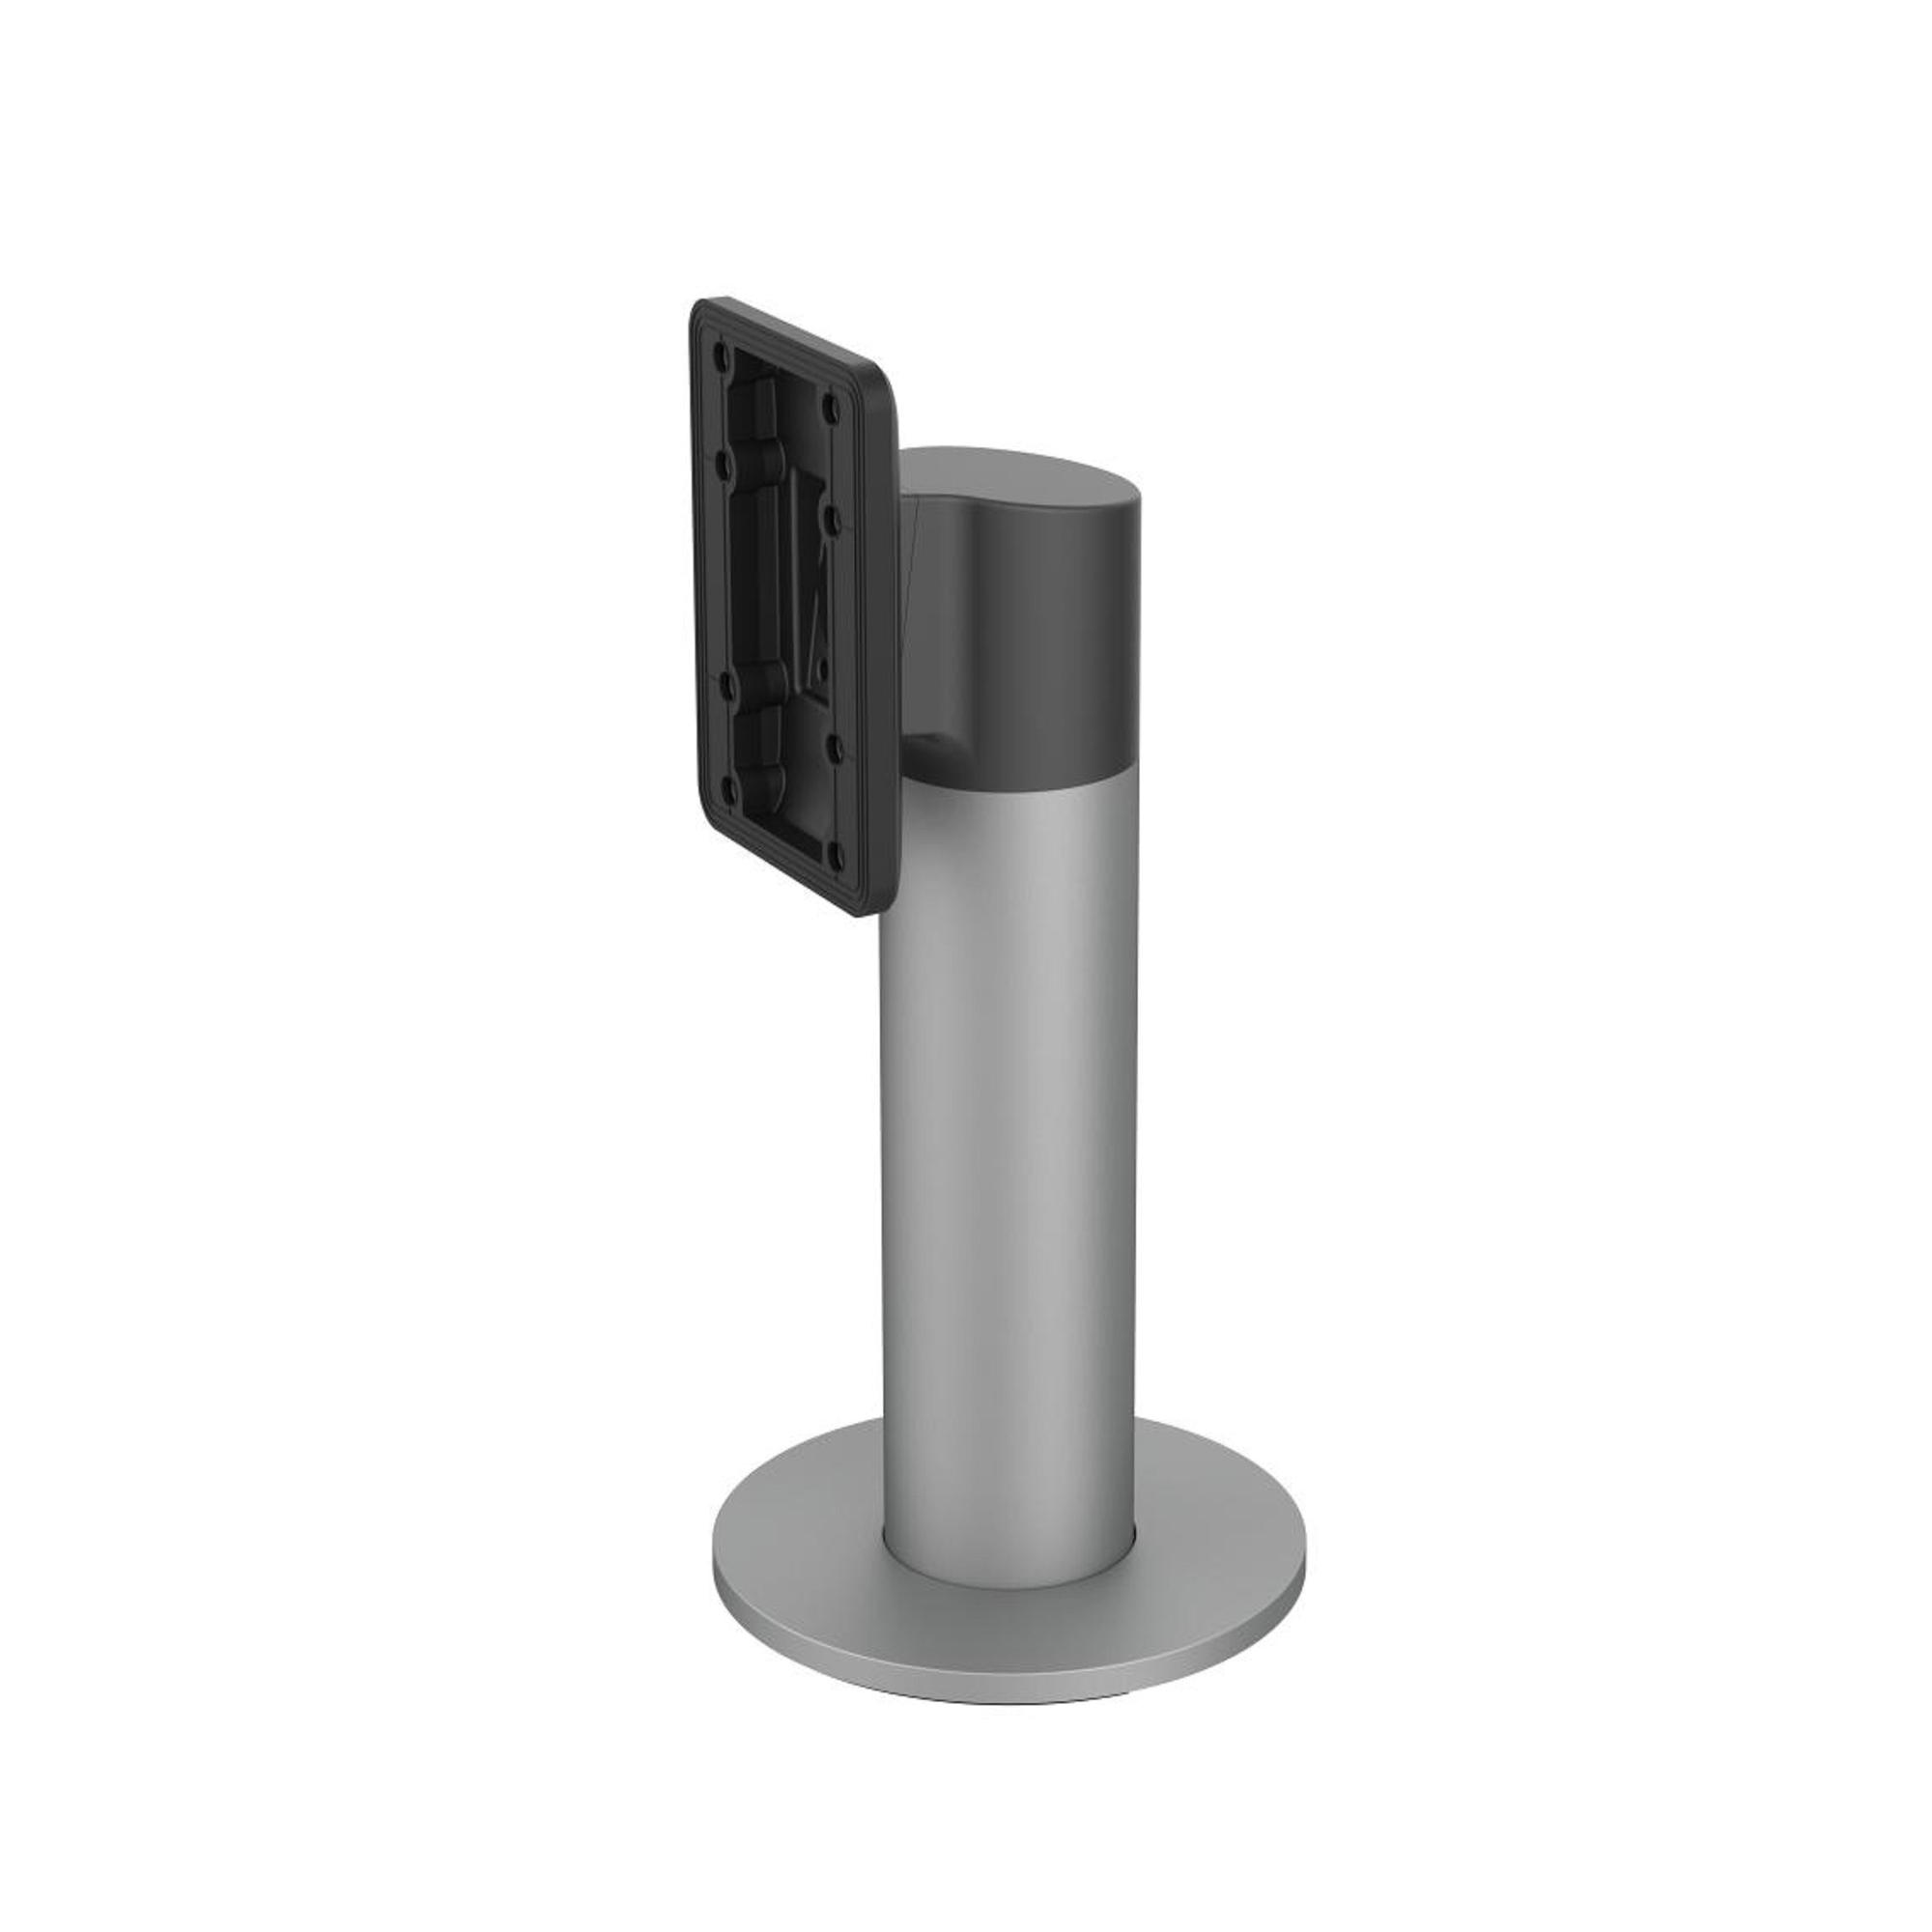 Montaje para Instalar Terminales de Reconocimiento Facial HIKVISION en Torniquetes de Cualquier Marca / Diseño Estético / Compatible con Terminales Faciales Térmicas.